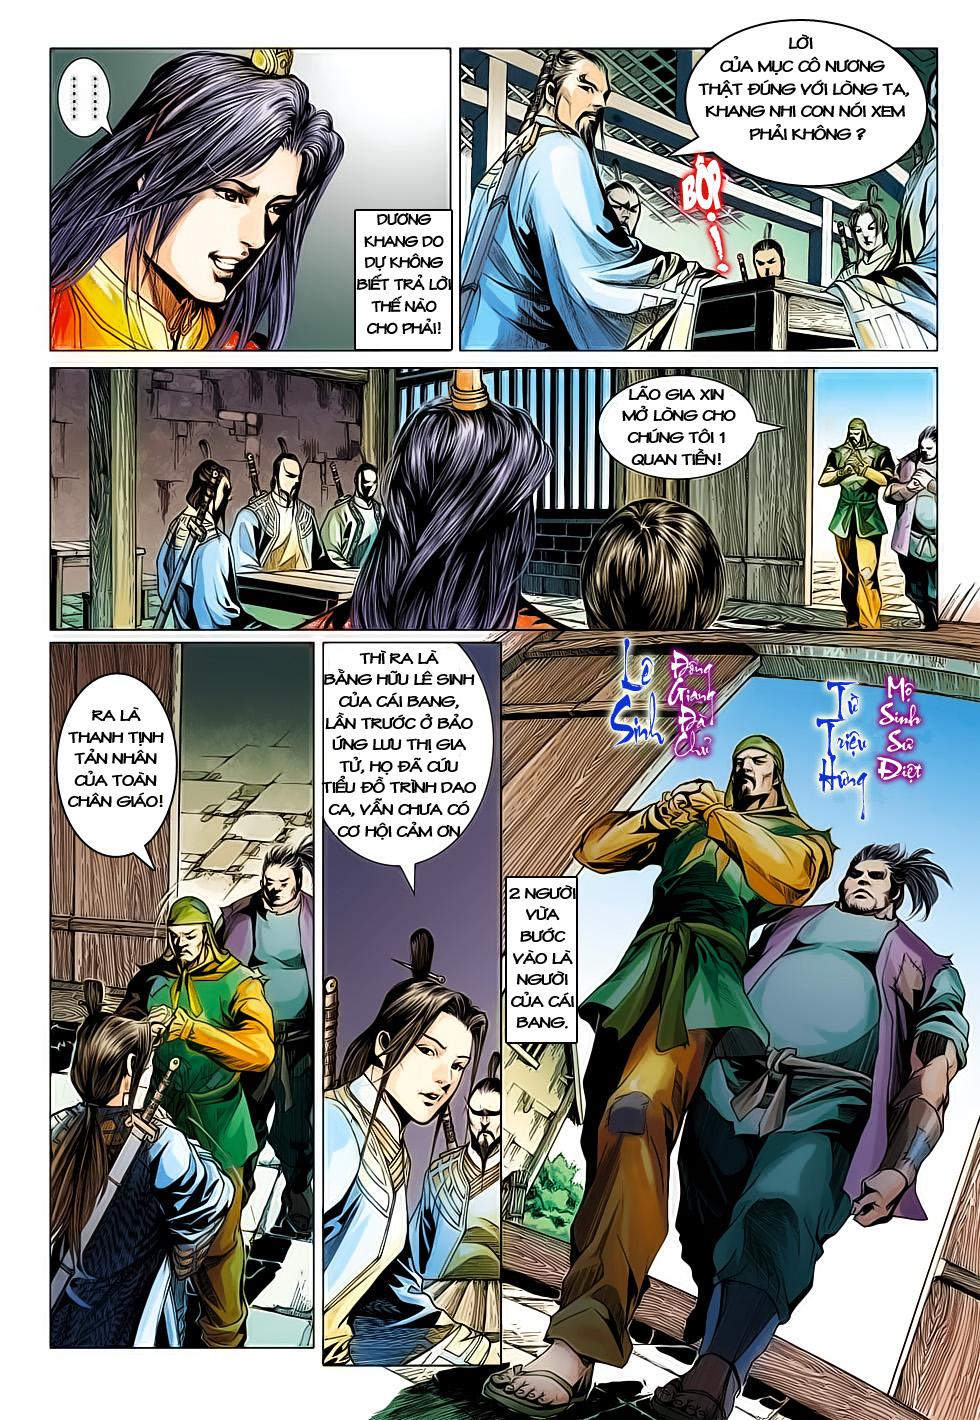 Anh Hùng Xạ Điêu anh hùng xạ đêu chap 61: thất tử chiến thiết thi trang 16